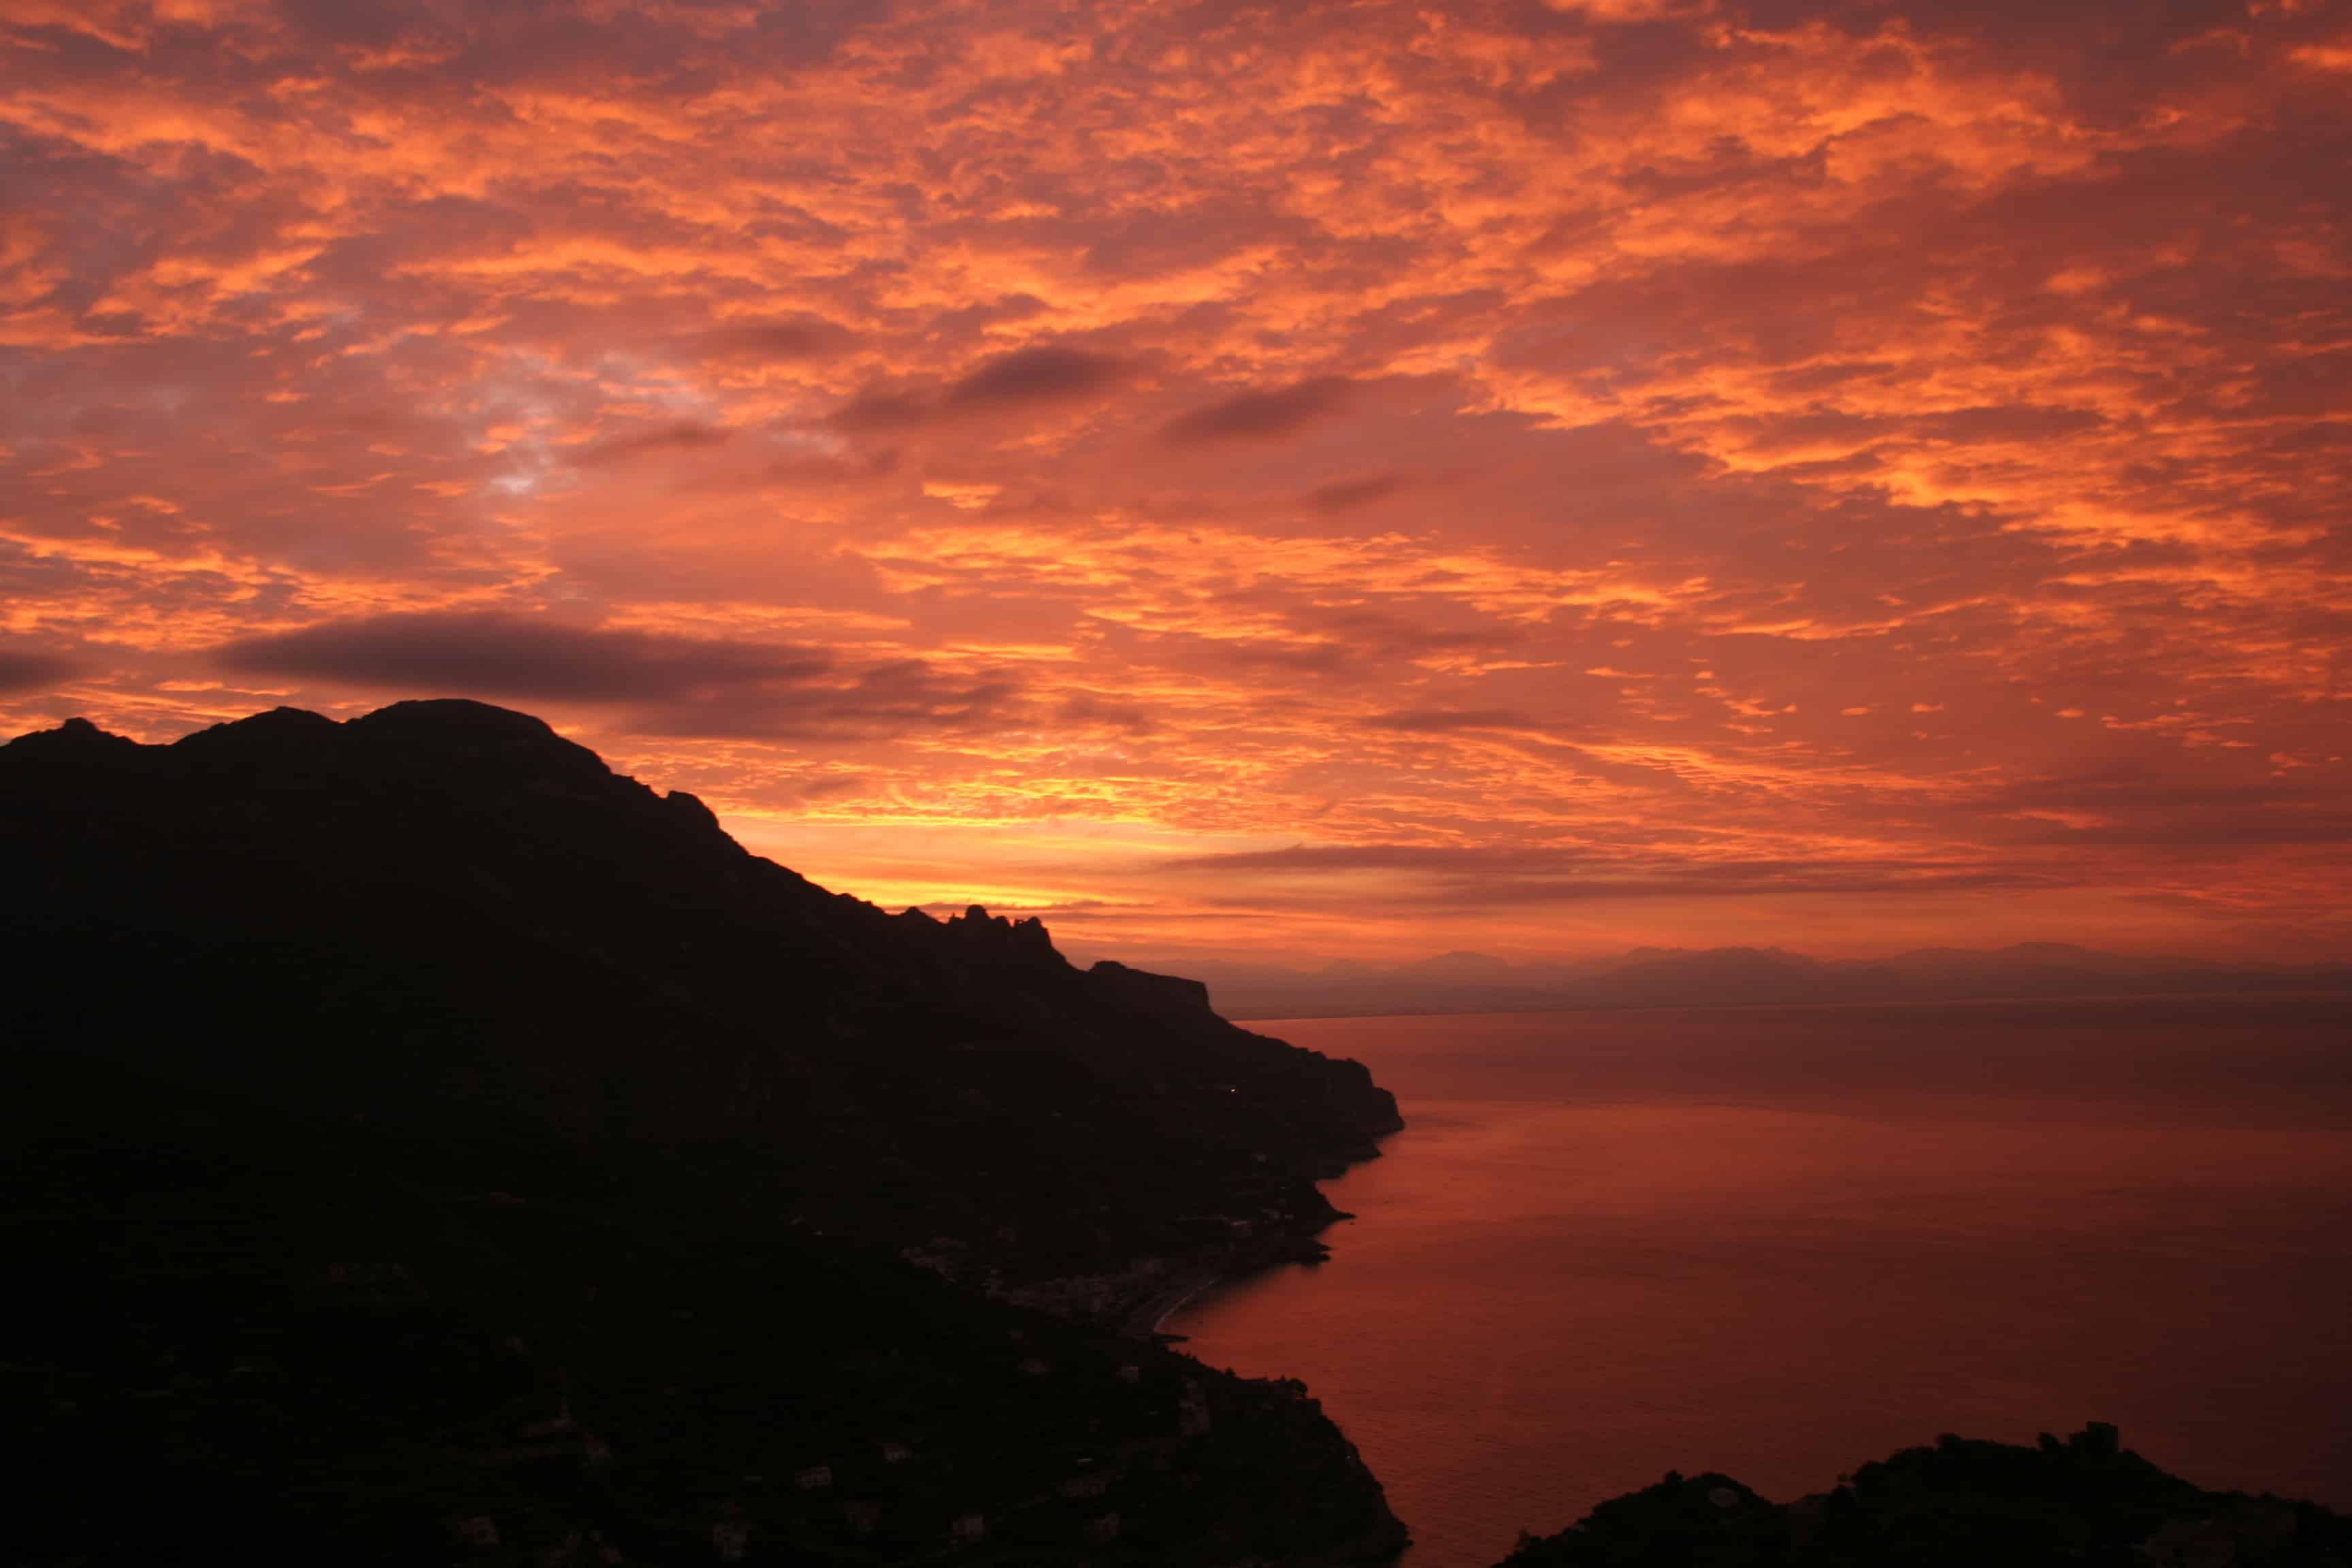 Konzert zum Sonnenaufgang in Ravello im August